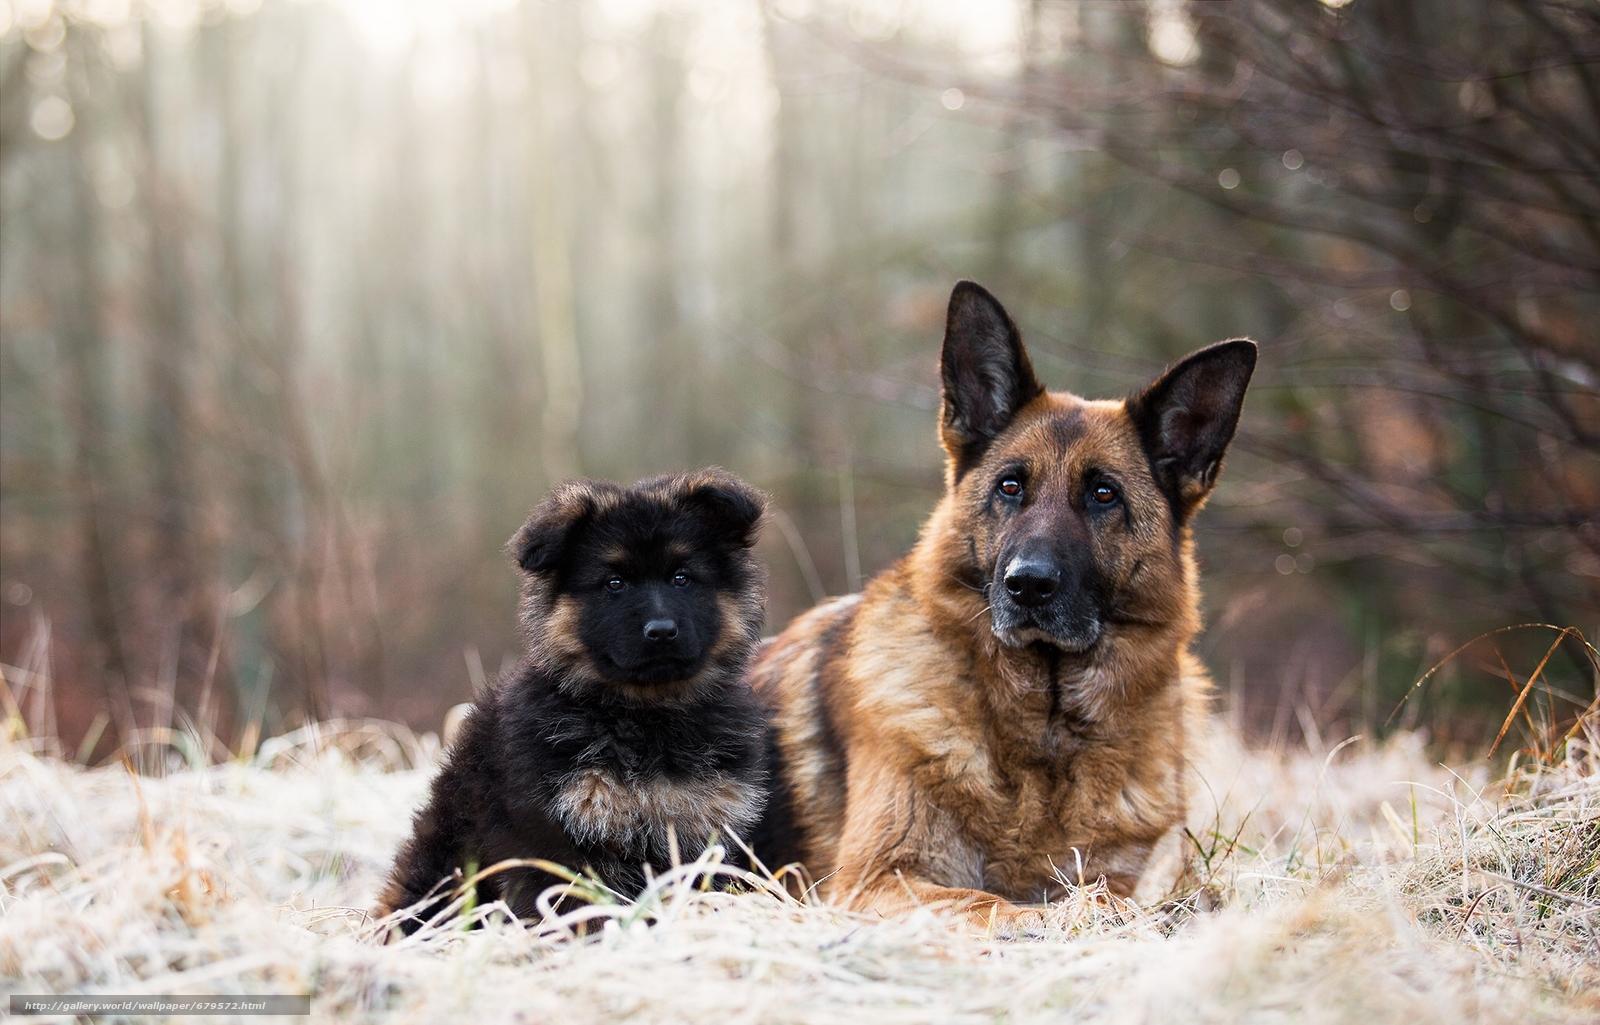 рекомендуем картинки собак овчарок немецких щенков телефоны интернет-ресурсы для